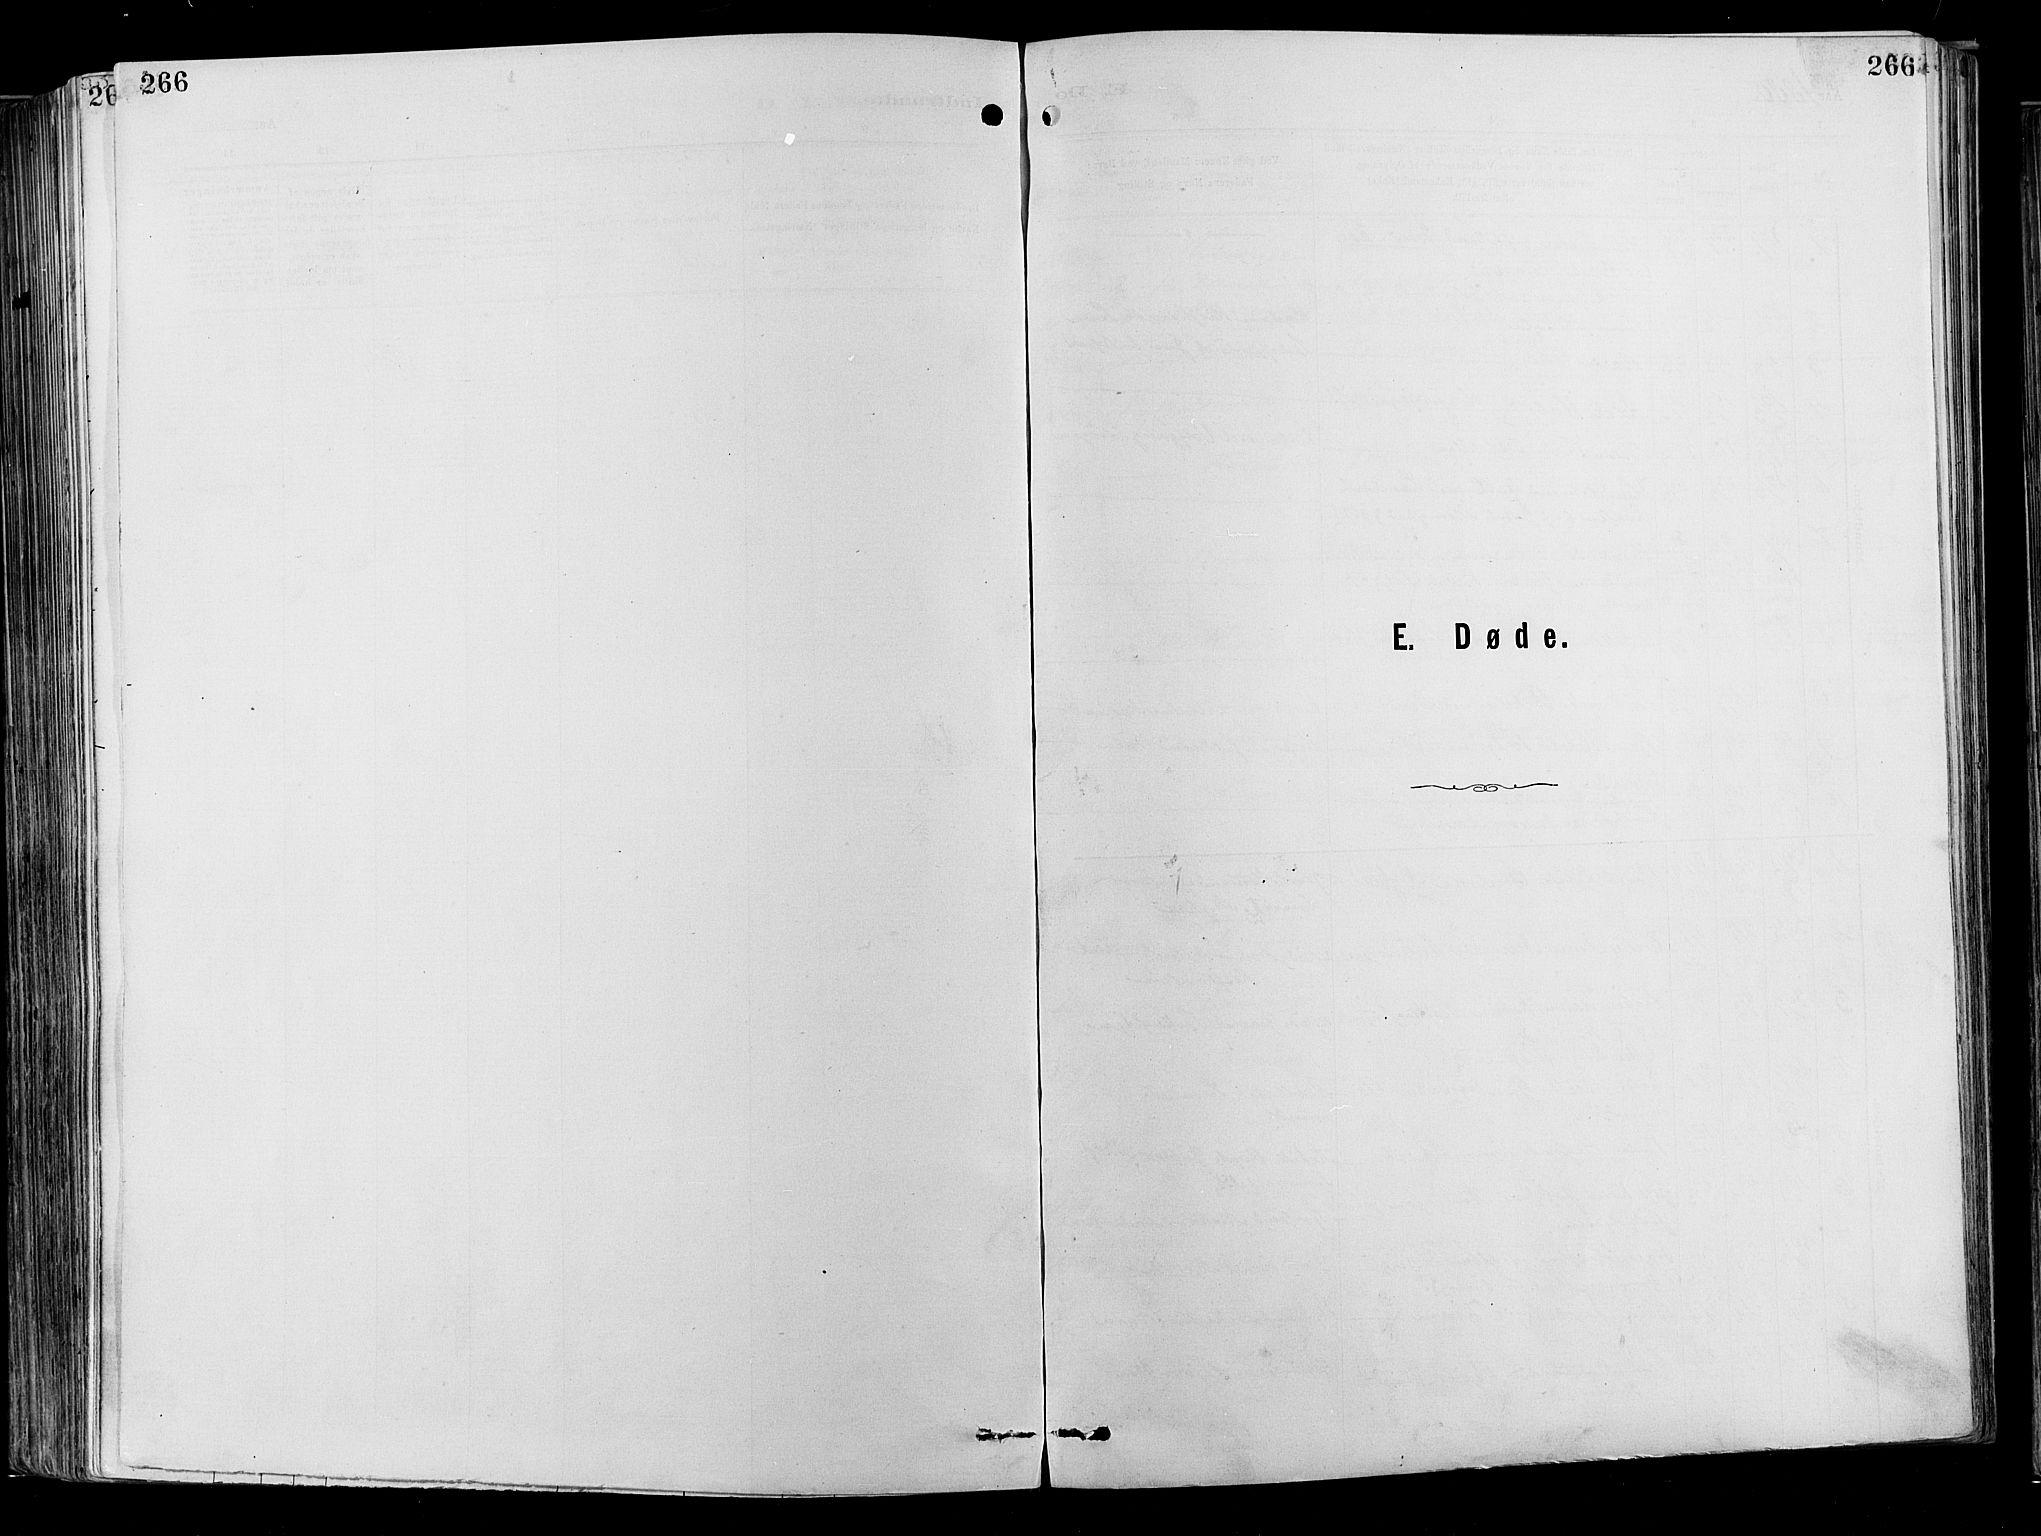 SAO, Garnisonsmenigheten Kirkebøker, F/Fa/L0012: Ministerialbok nr. 12, 1880-1893, s. 266